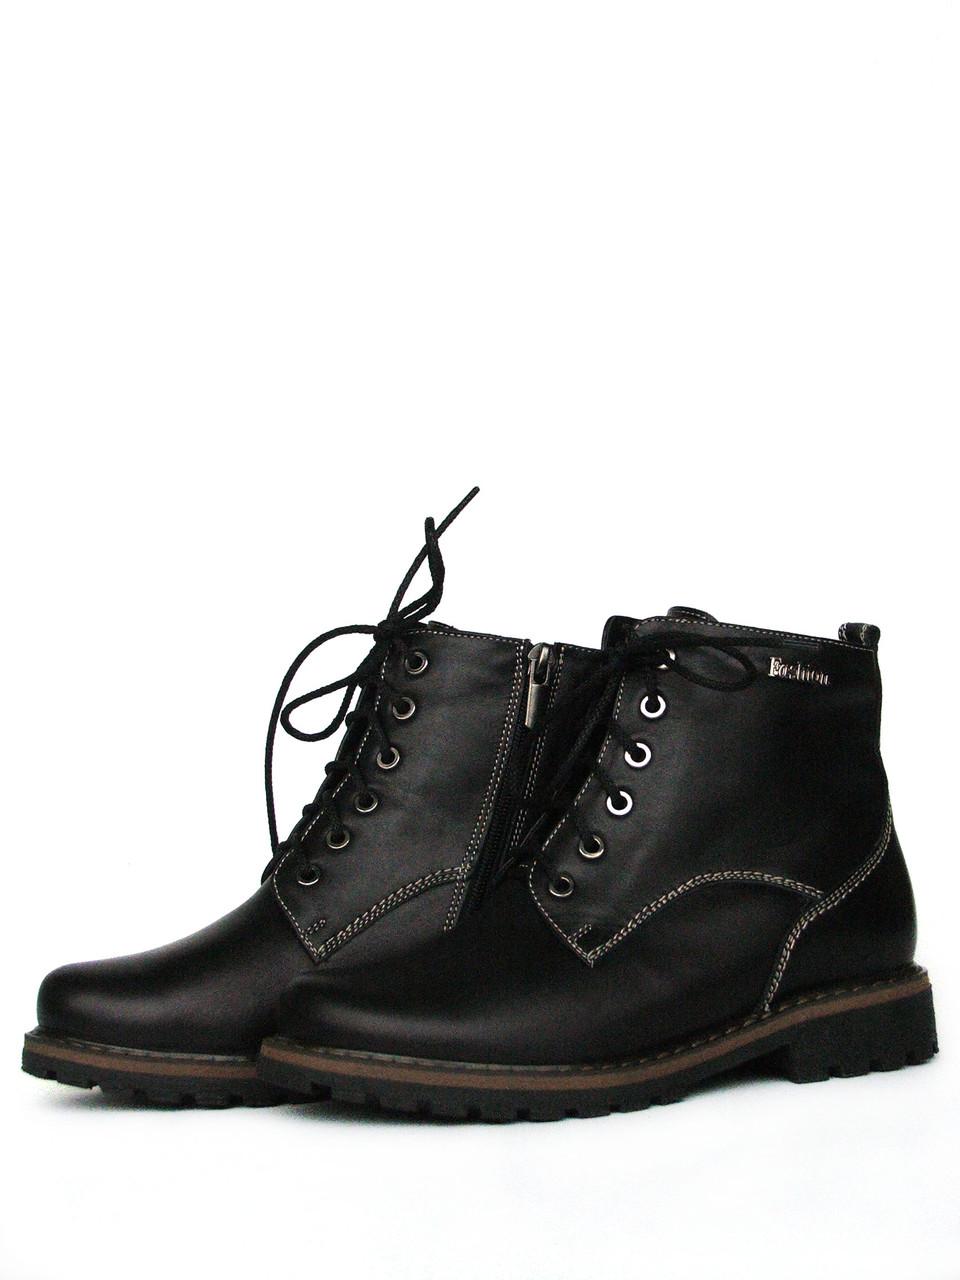 Женские зимние кожаные черные ботинки со шнуровкой